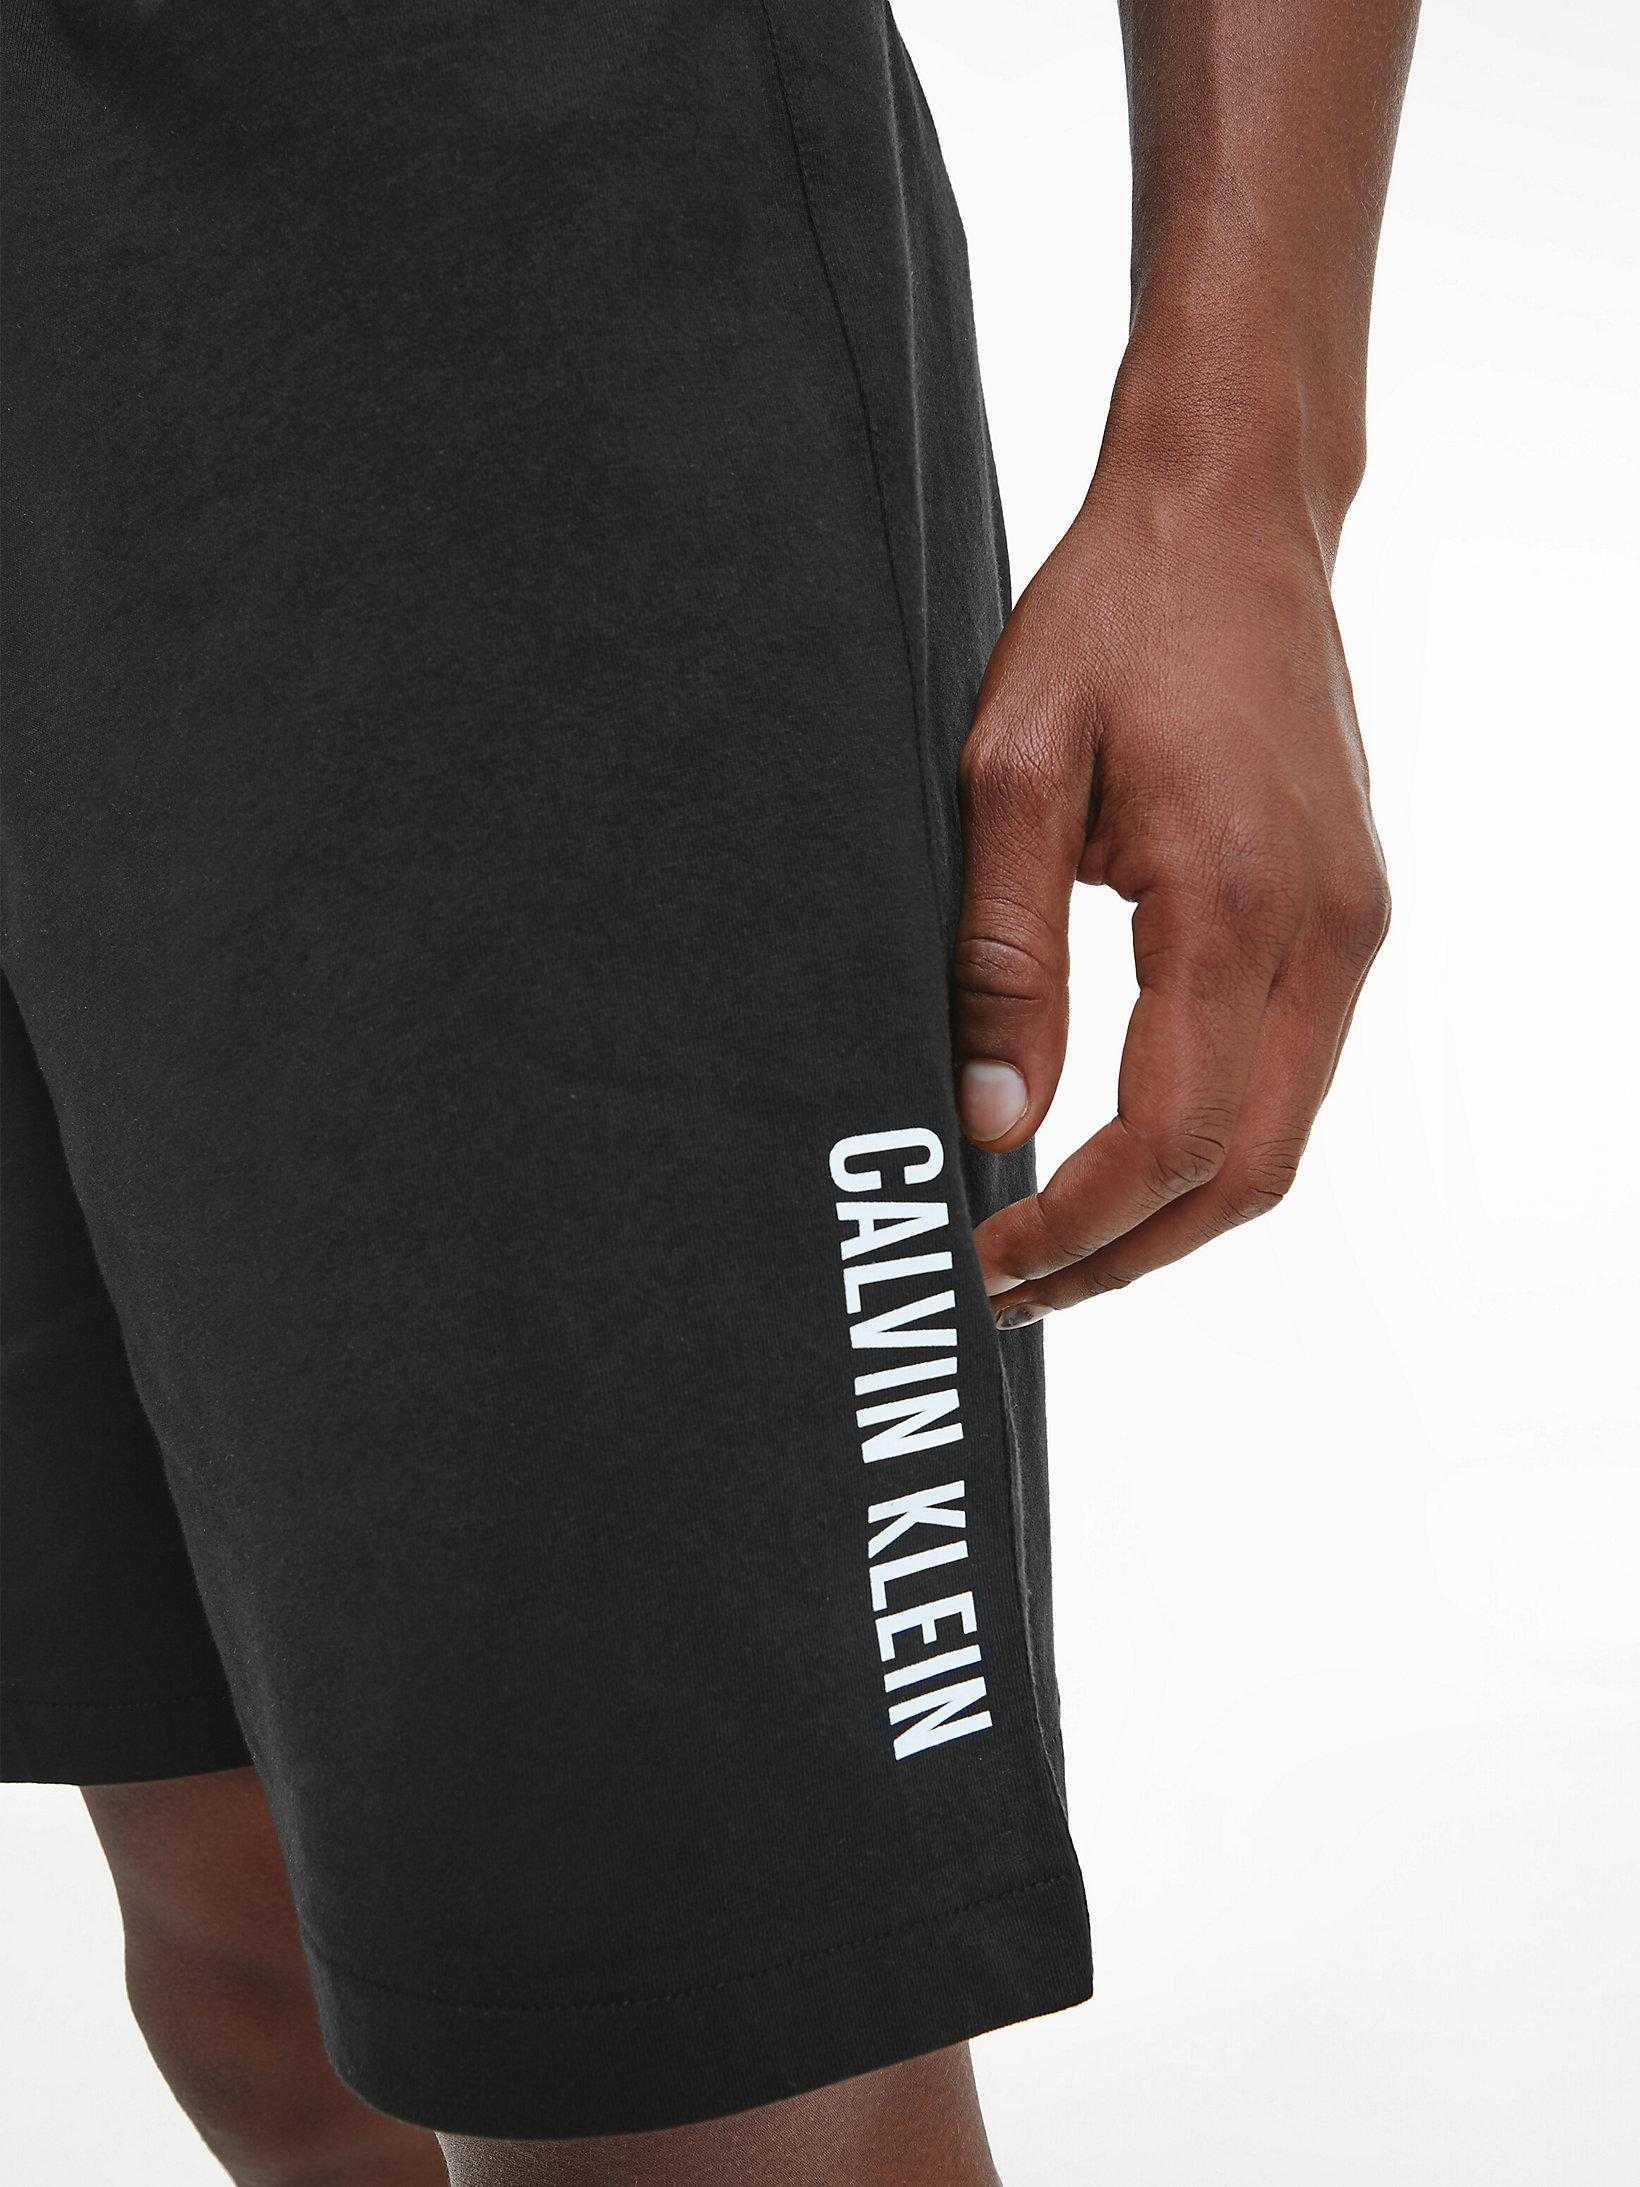 Pantalón Corto Caballero Calvin Klein Intense Power   -   - PEPI GUERRA